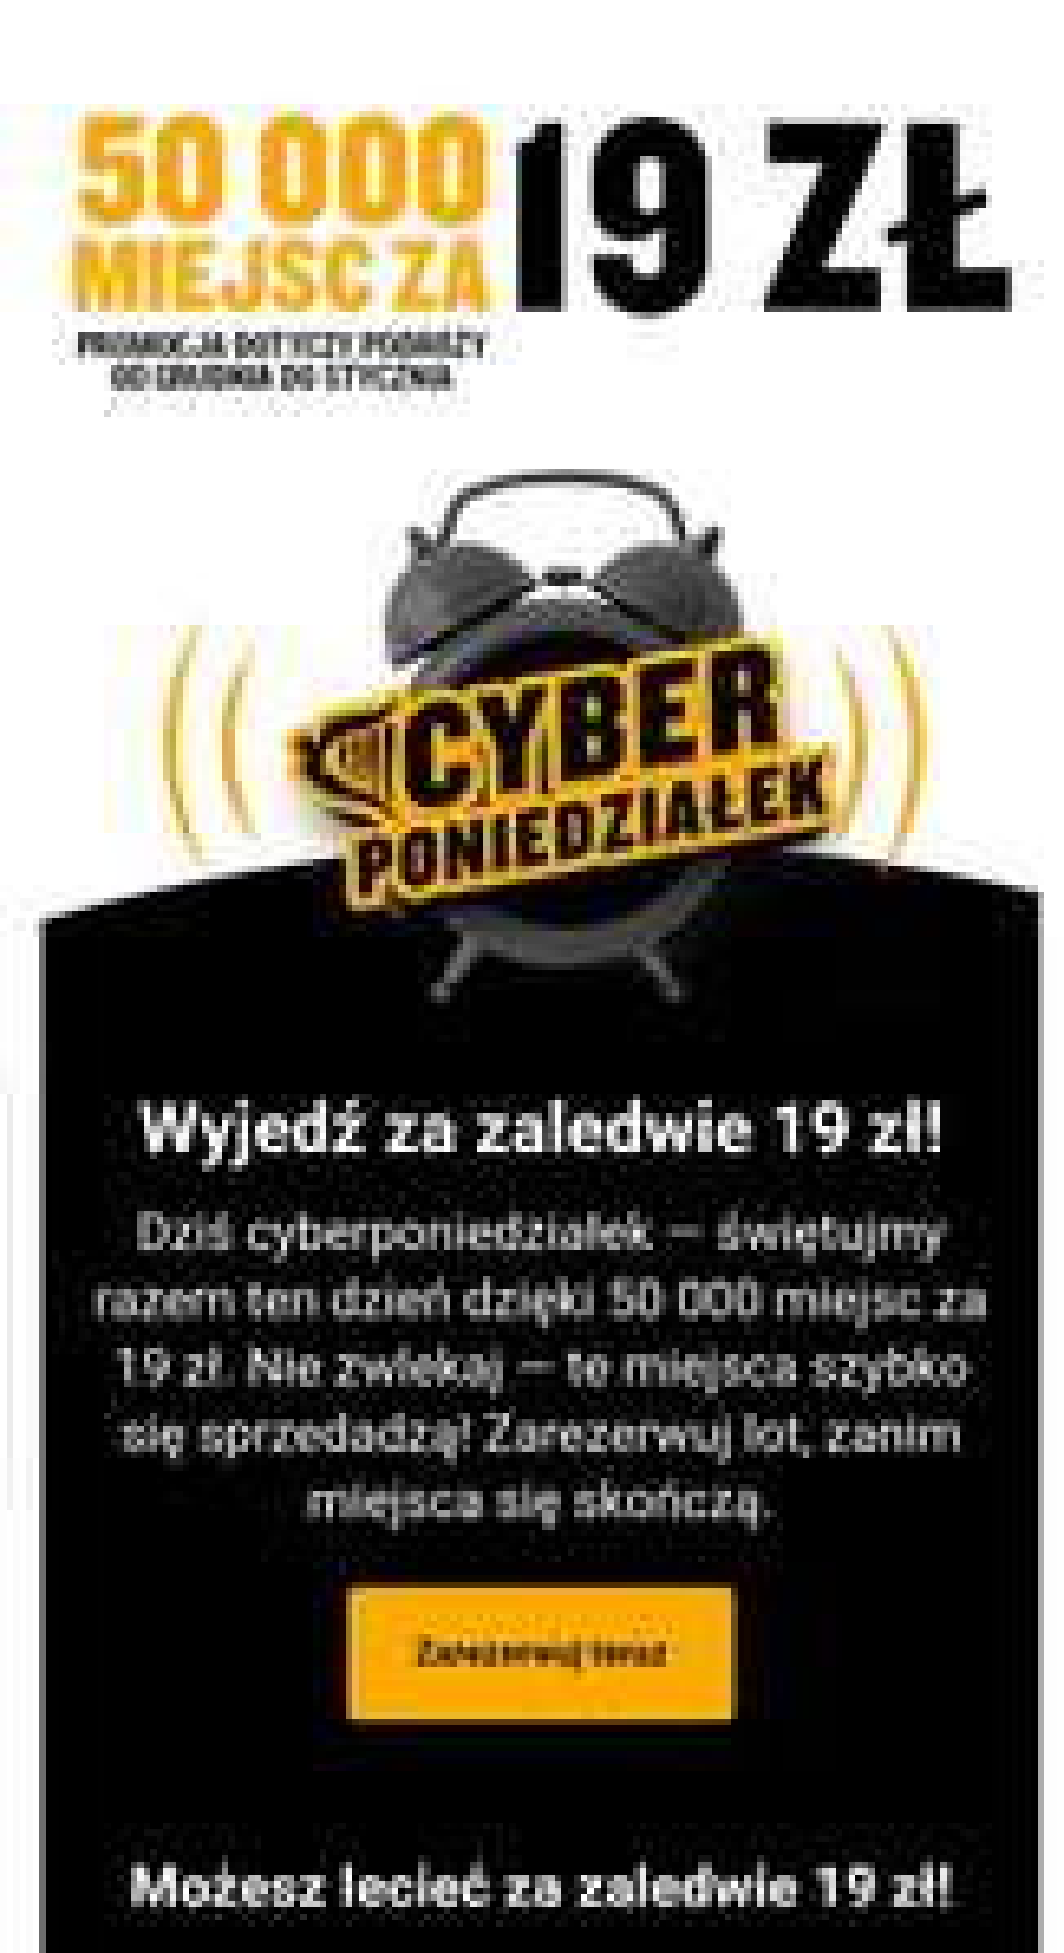 tanie loty ryanair (od 19zł) na Cyber Monday